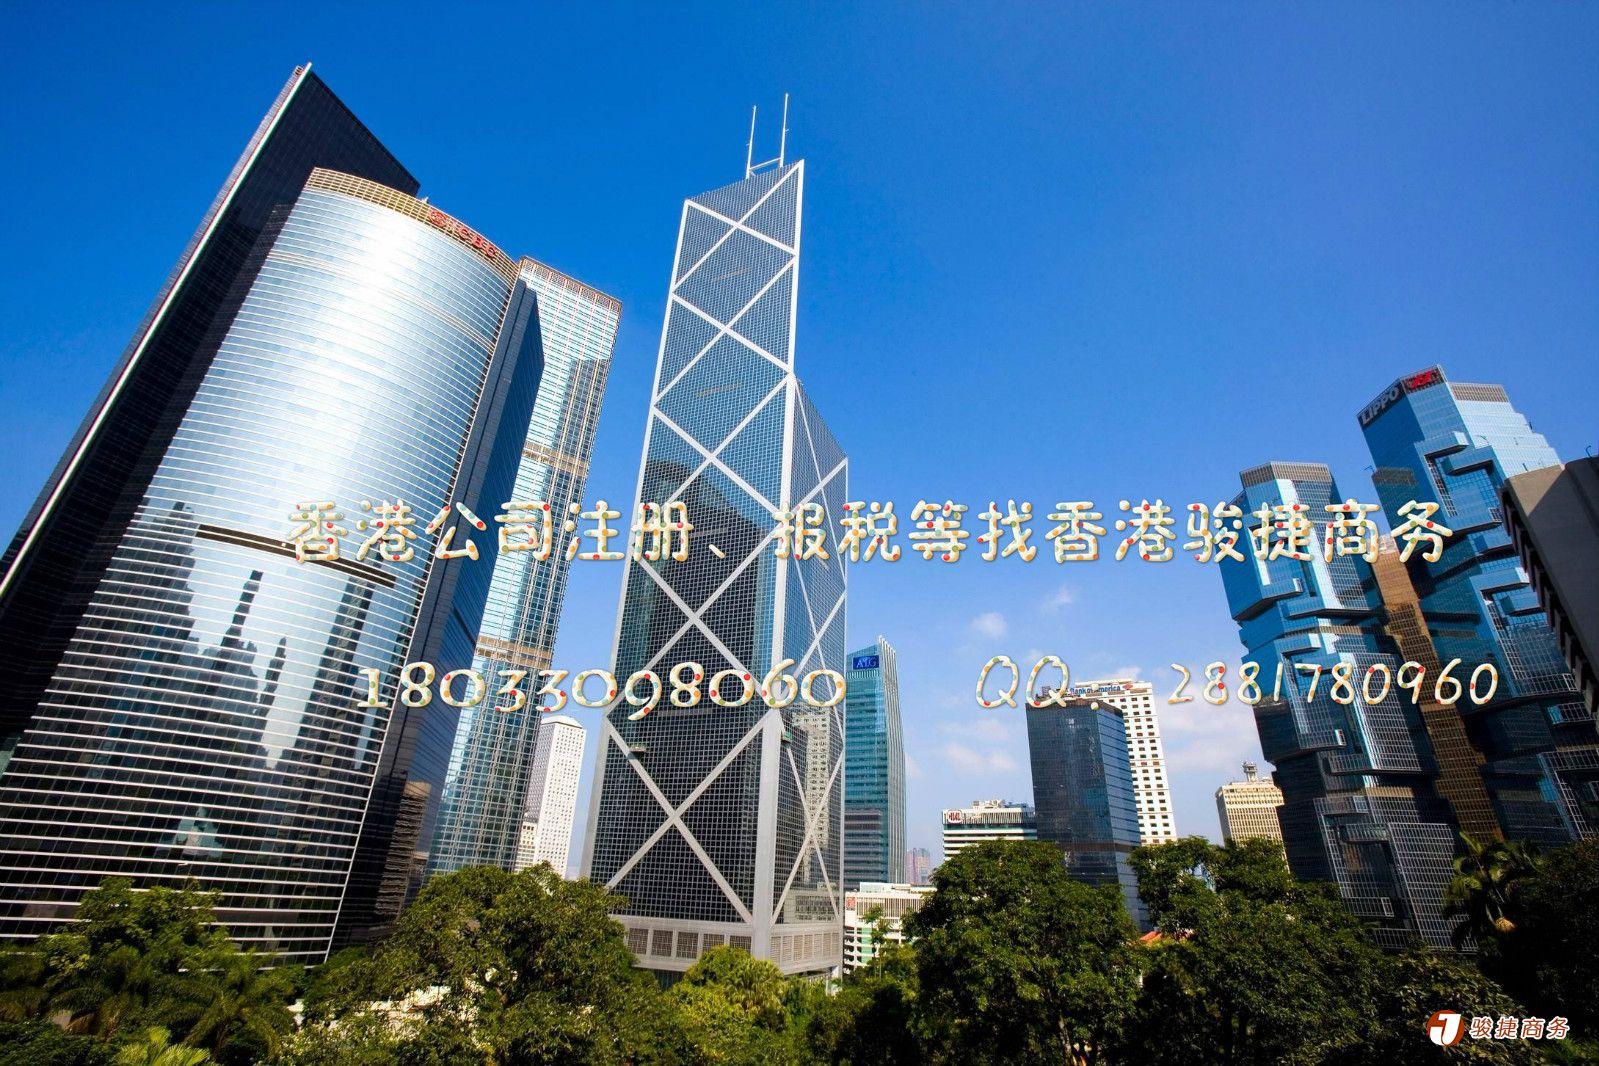 香港公司一定要税务报税吗